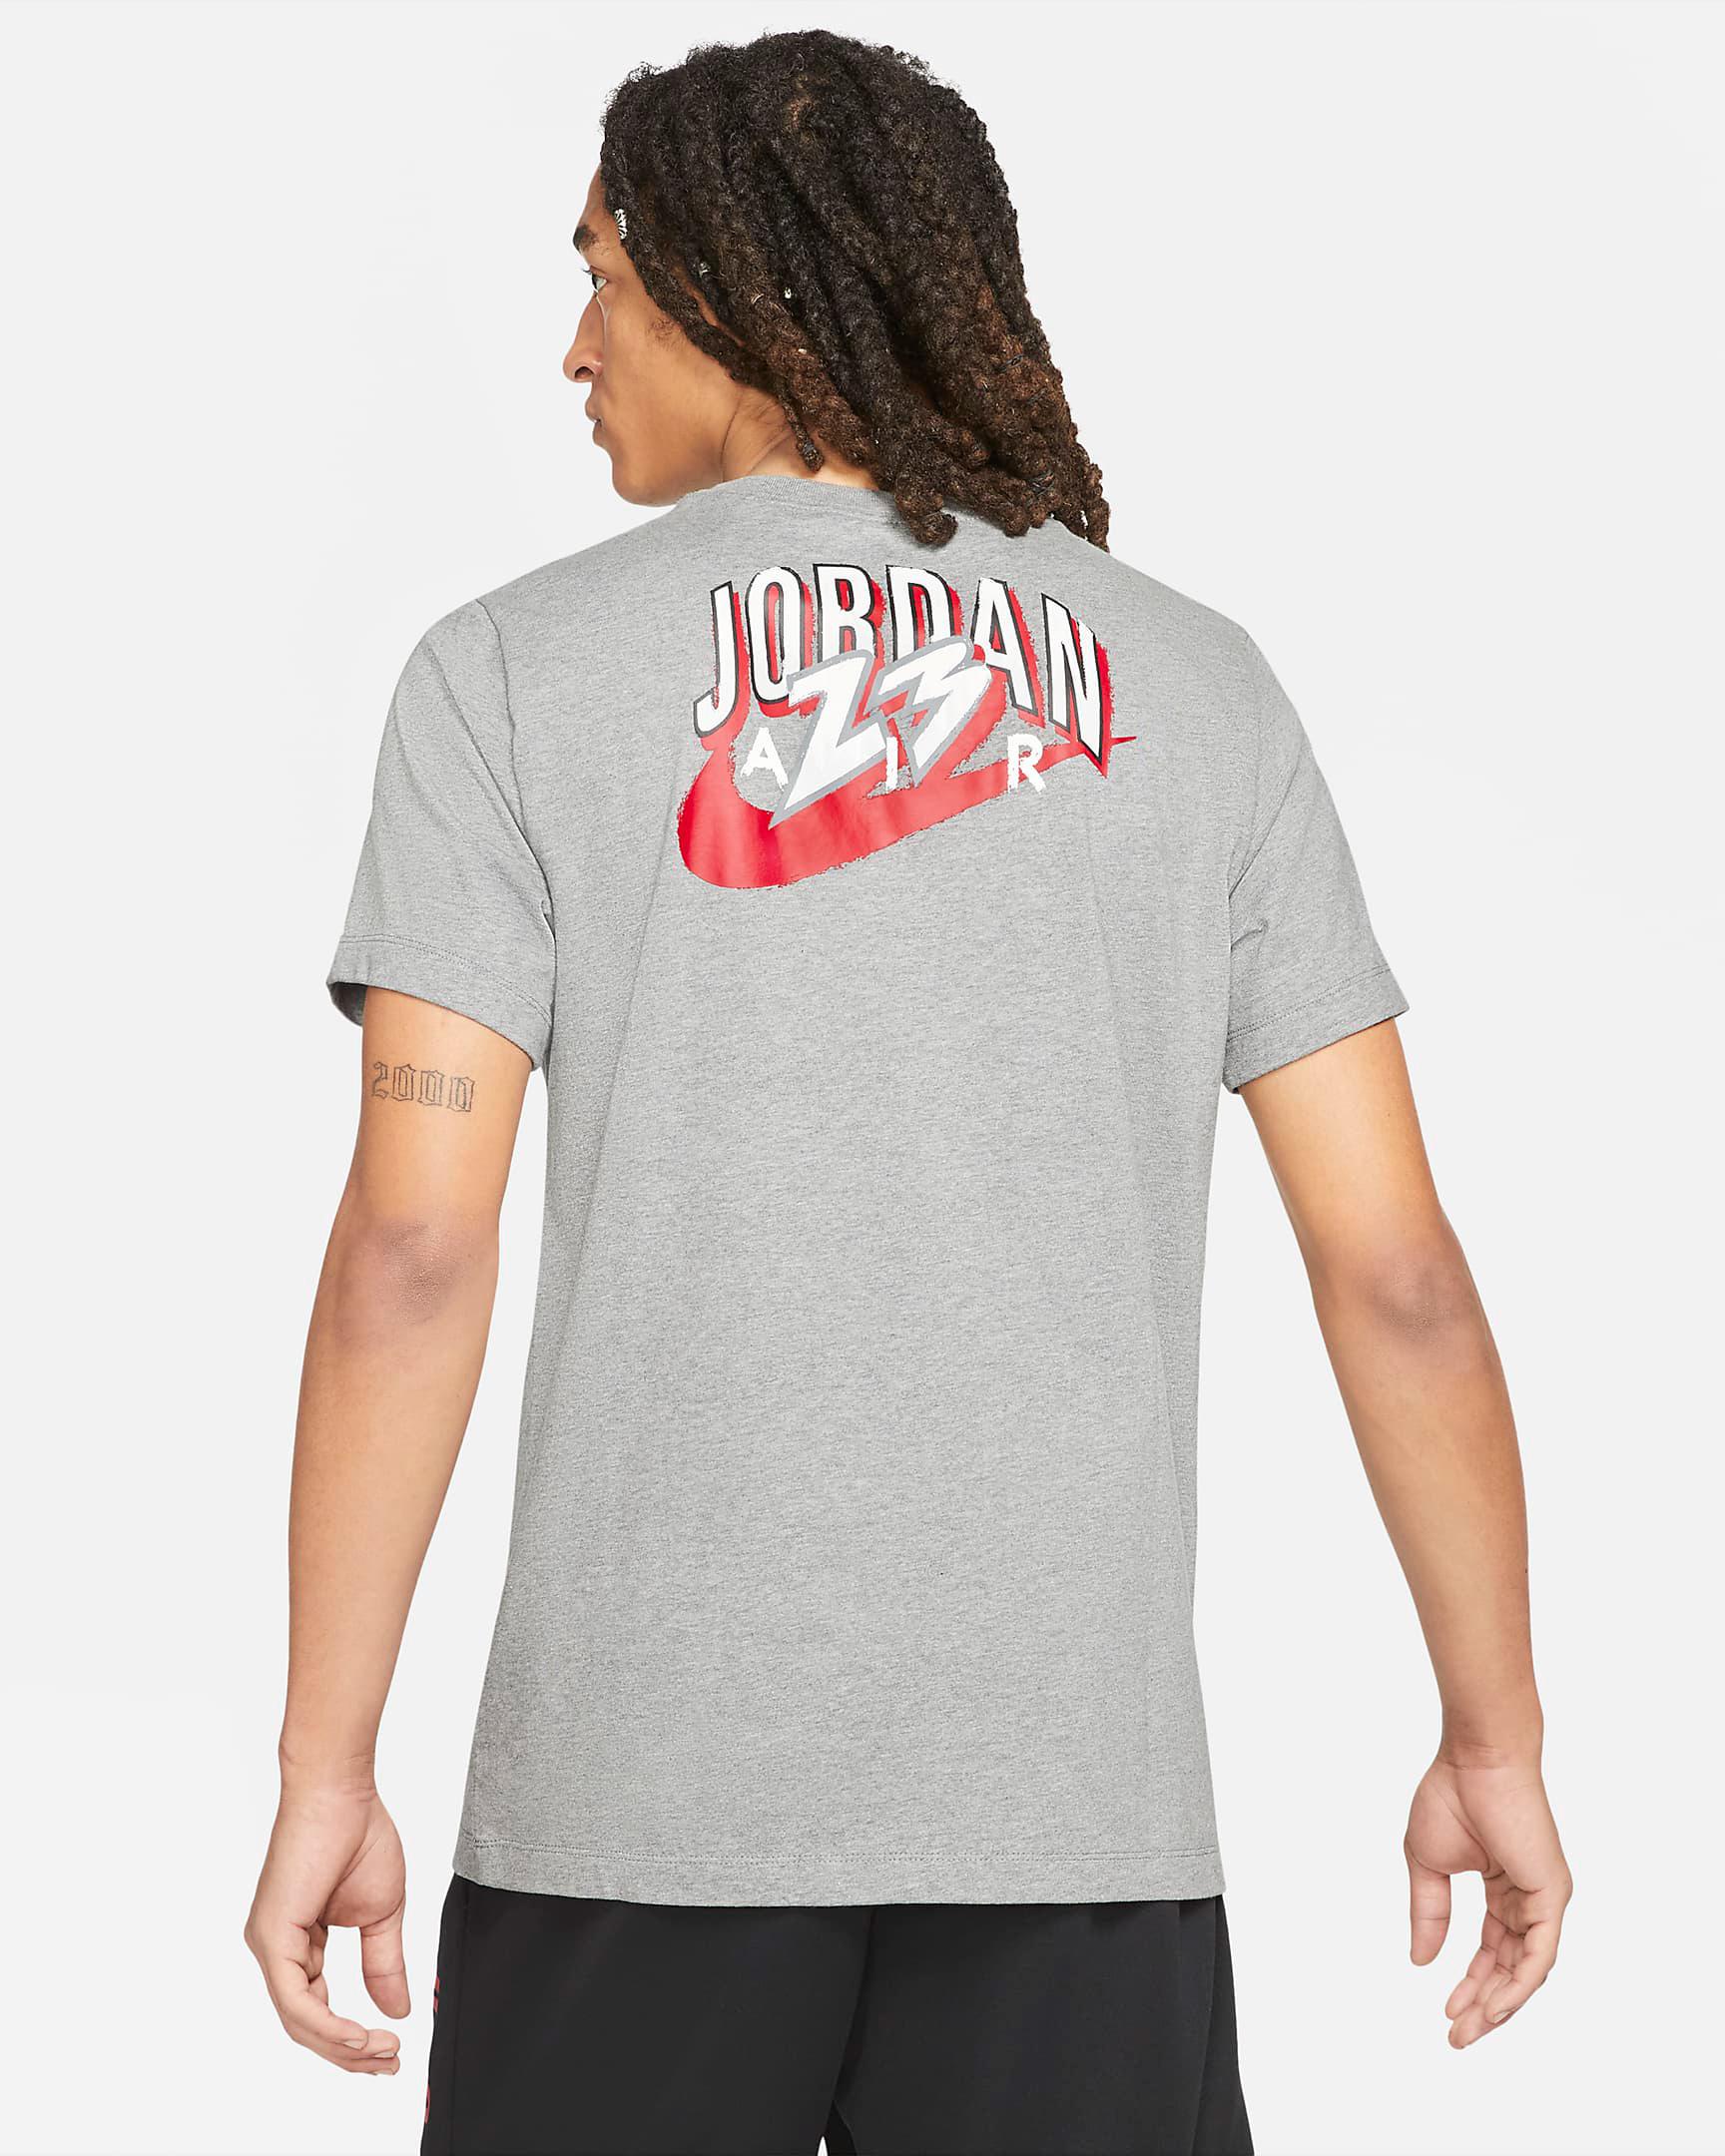 jordan-23-swoosh-shirt-grey-red-2